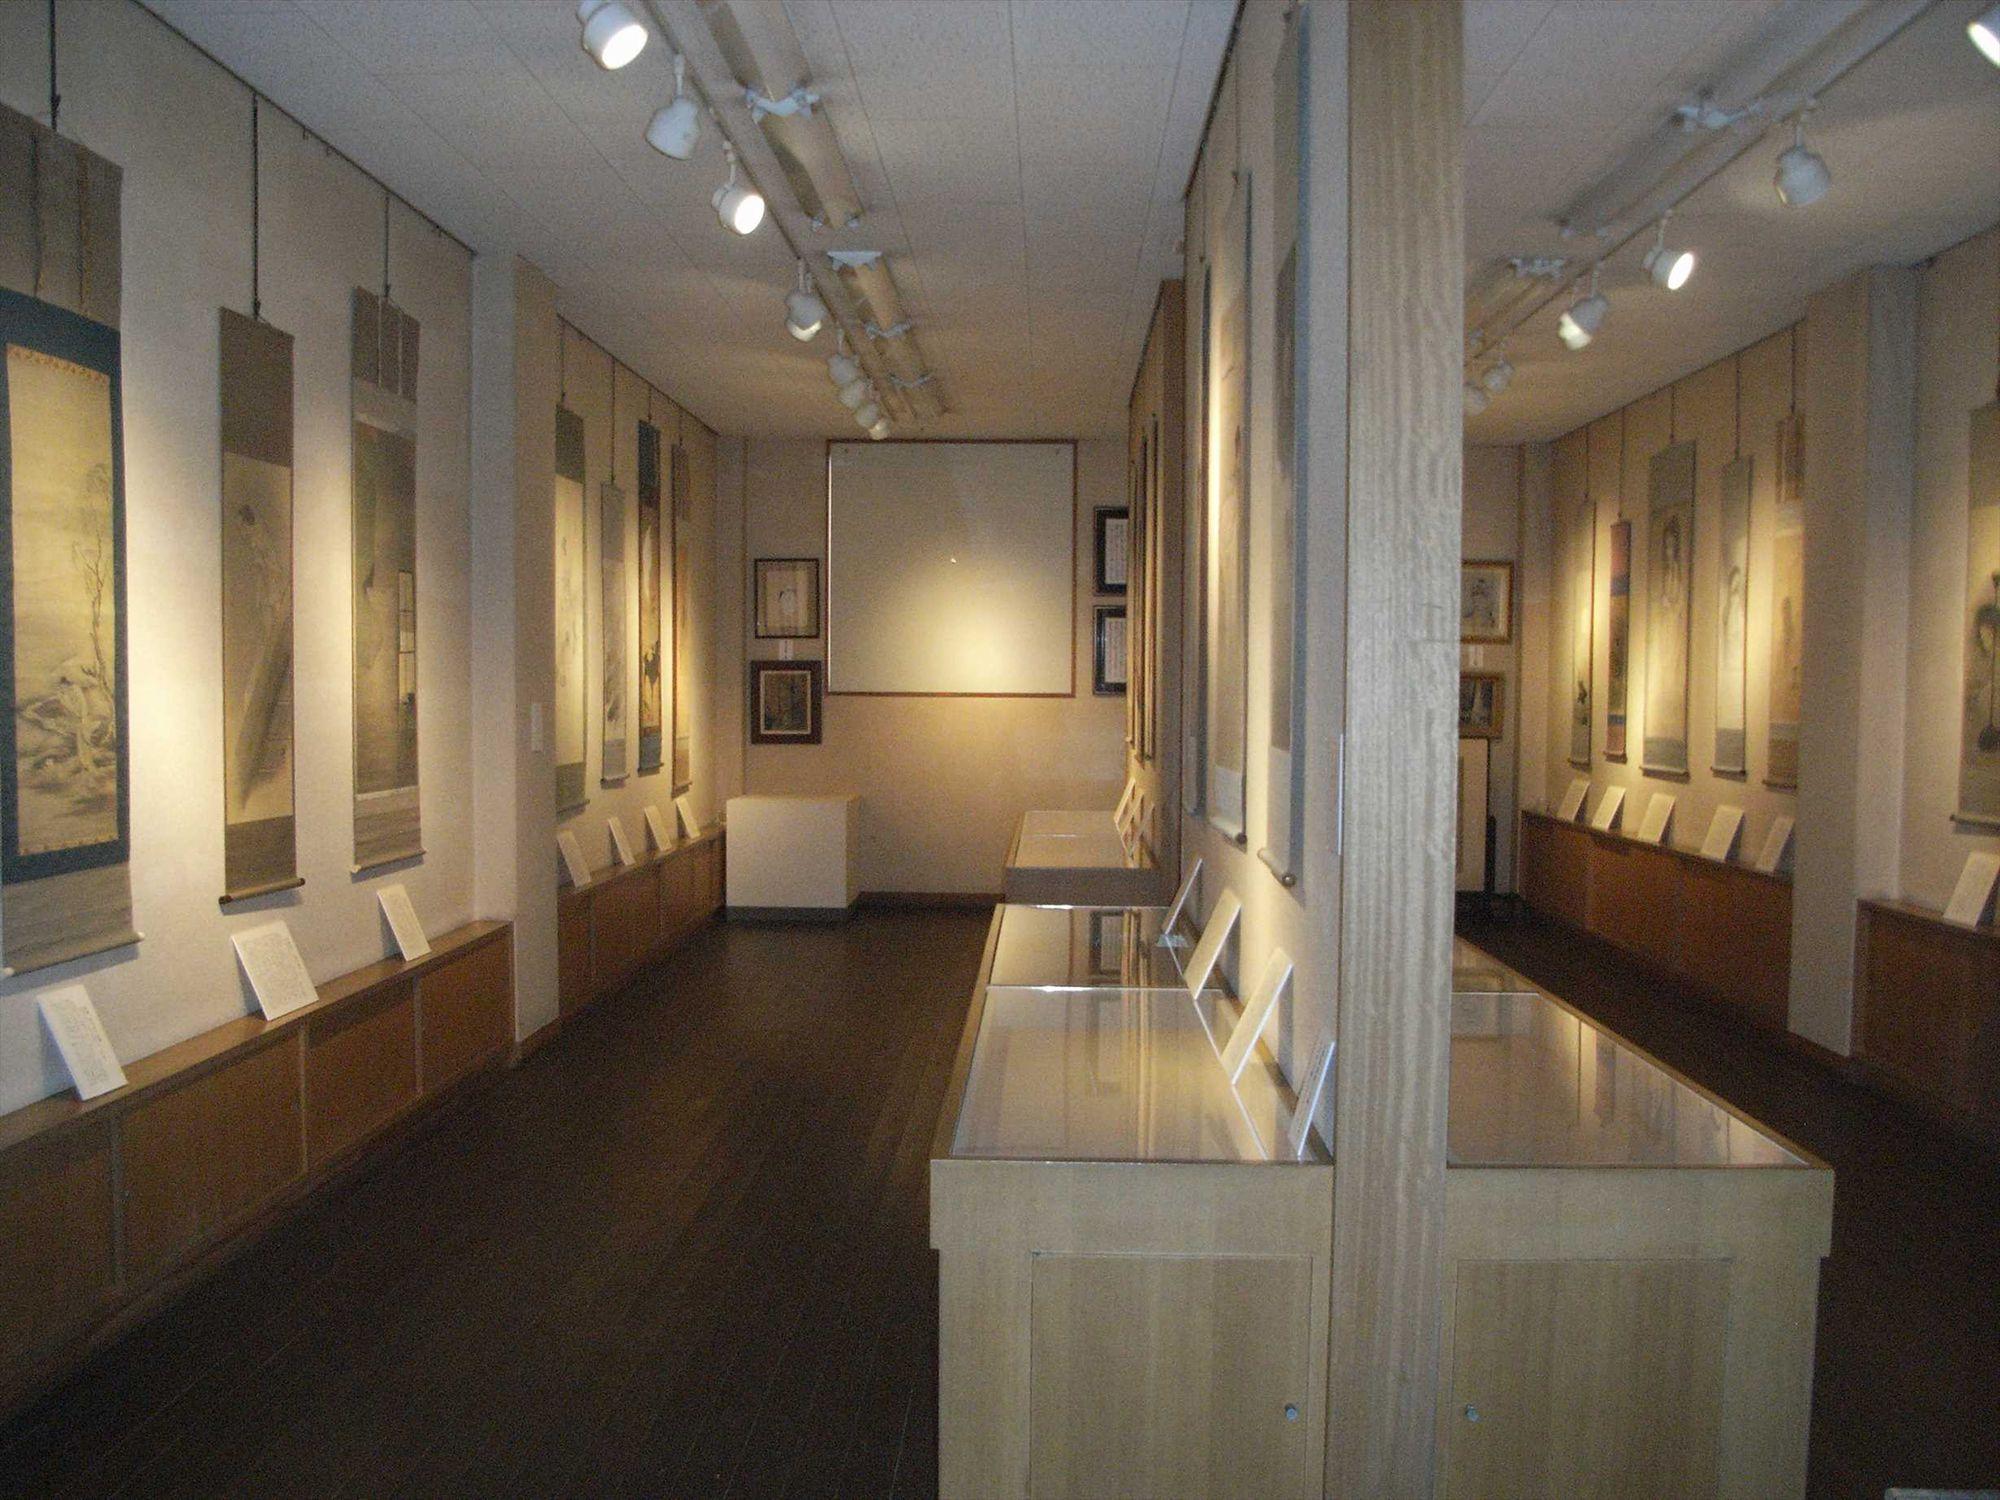 全生庵では三遊亭圓朝が収集した幽霊画、五十幅を所蔵。ふだんは非公開だが、今回の展示では約35幅を展示公開される。